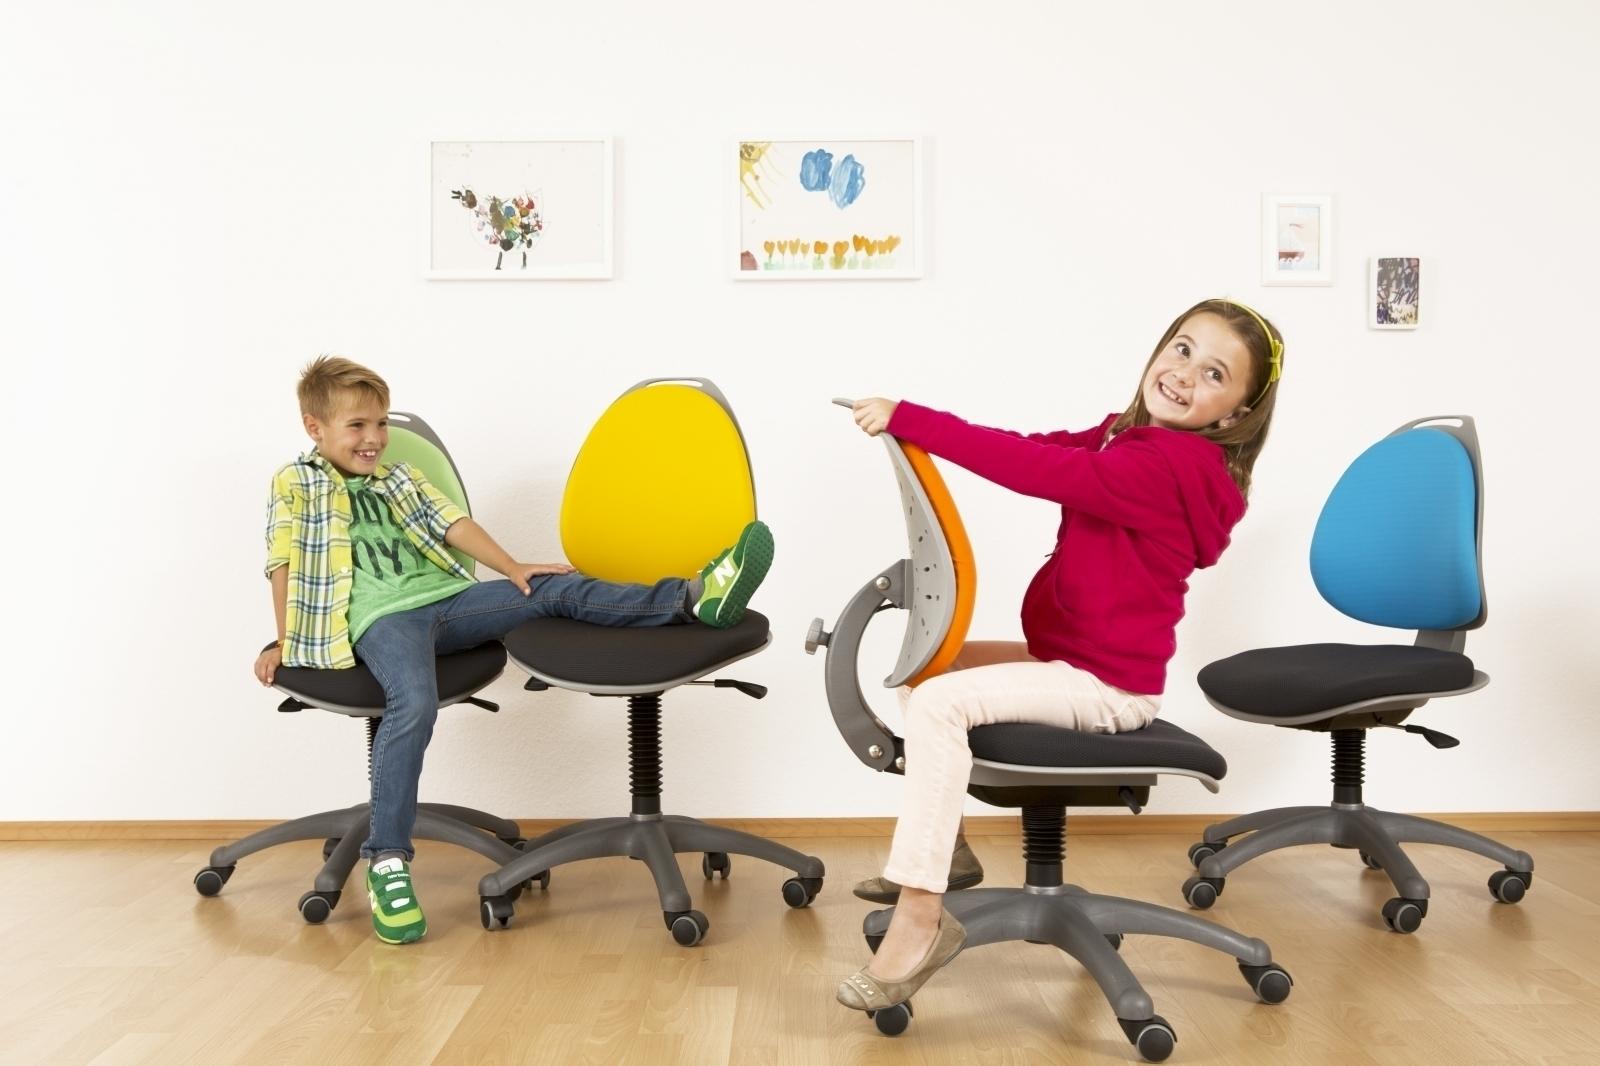 Kinderschreibtischstuhl scout  Kinderschreibtisch Stuhl - Schülerstühle - Kinderstühle und ...